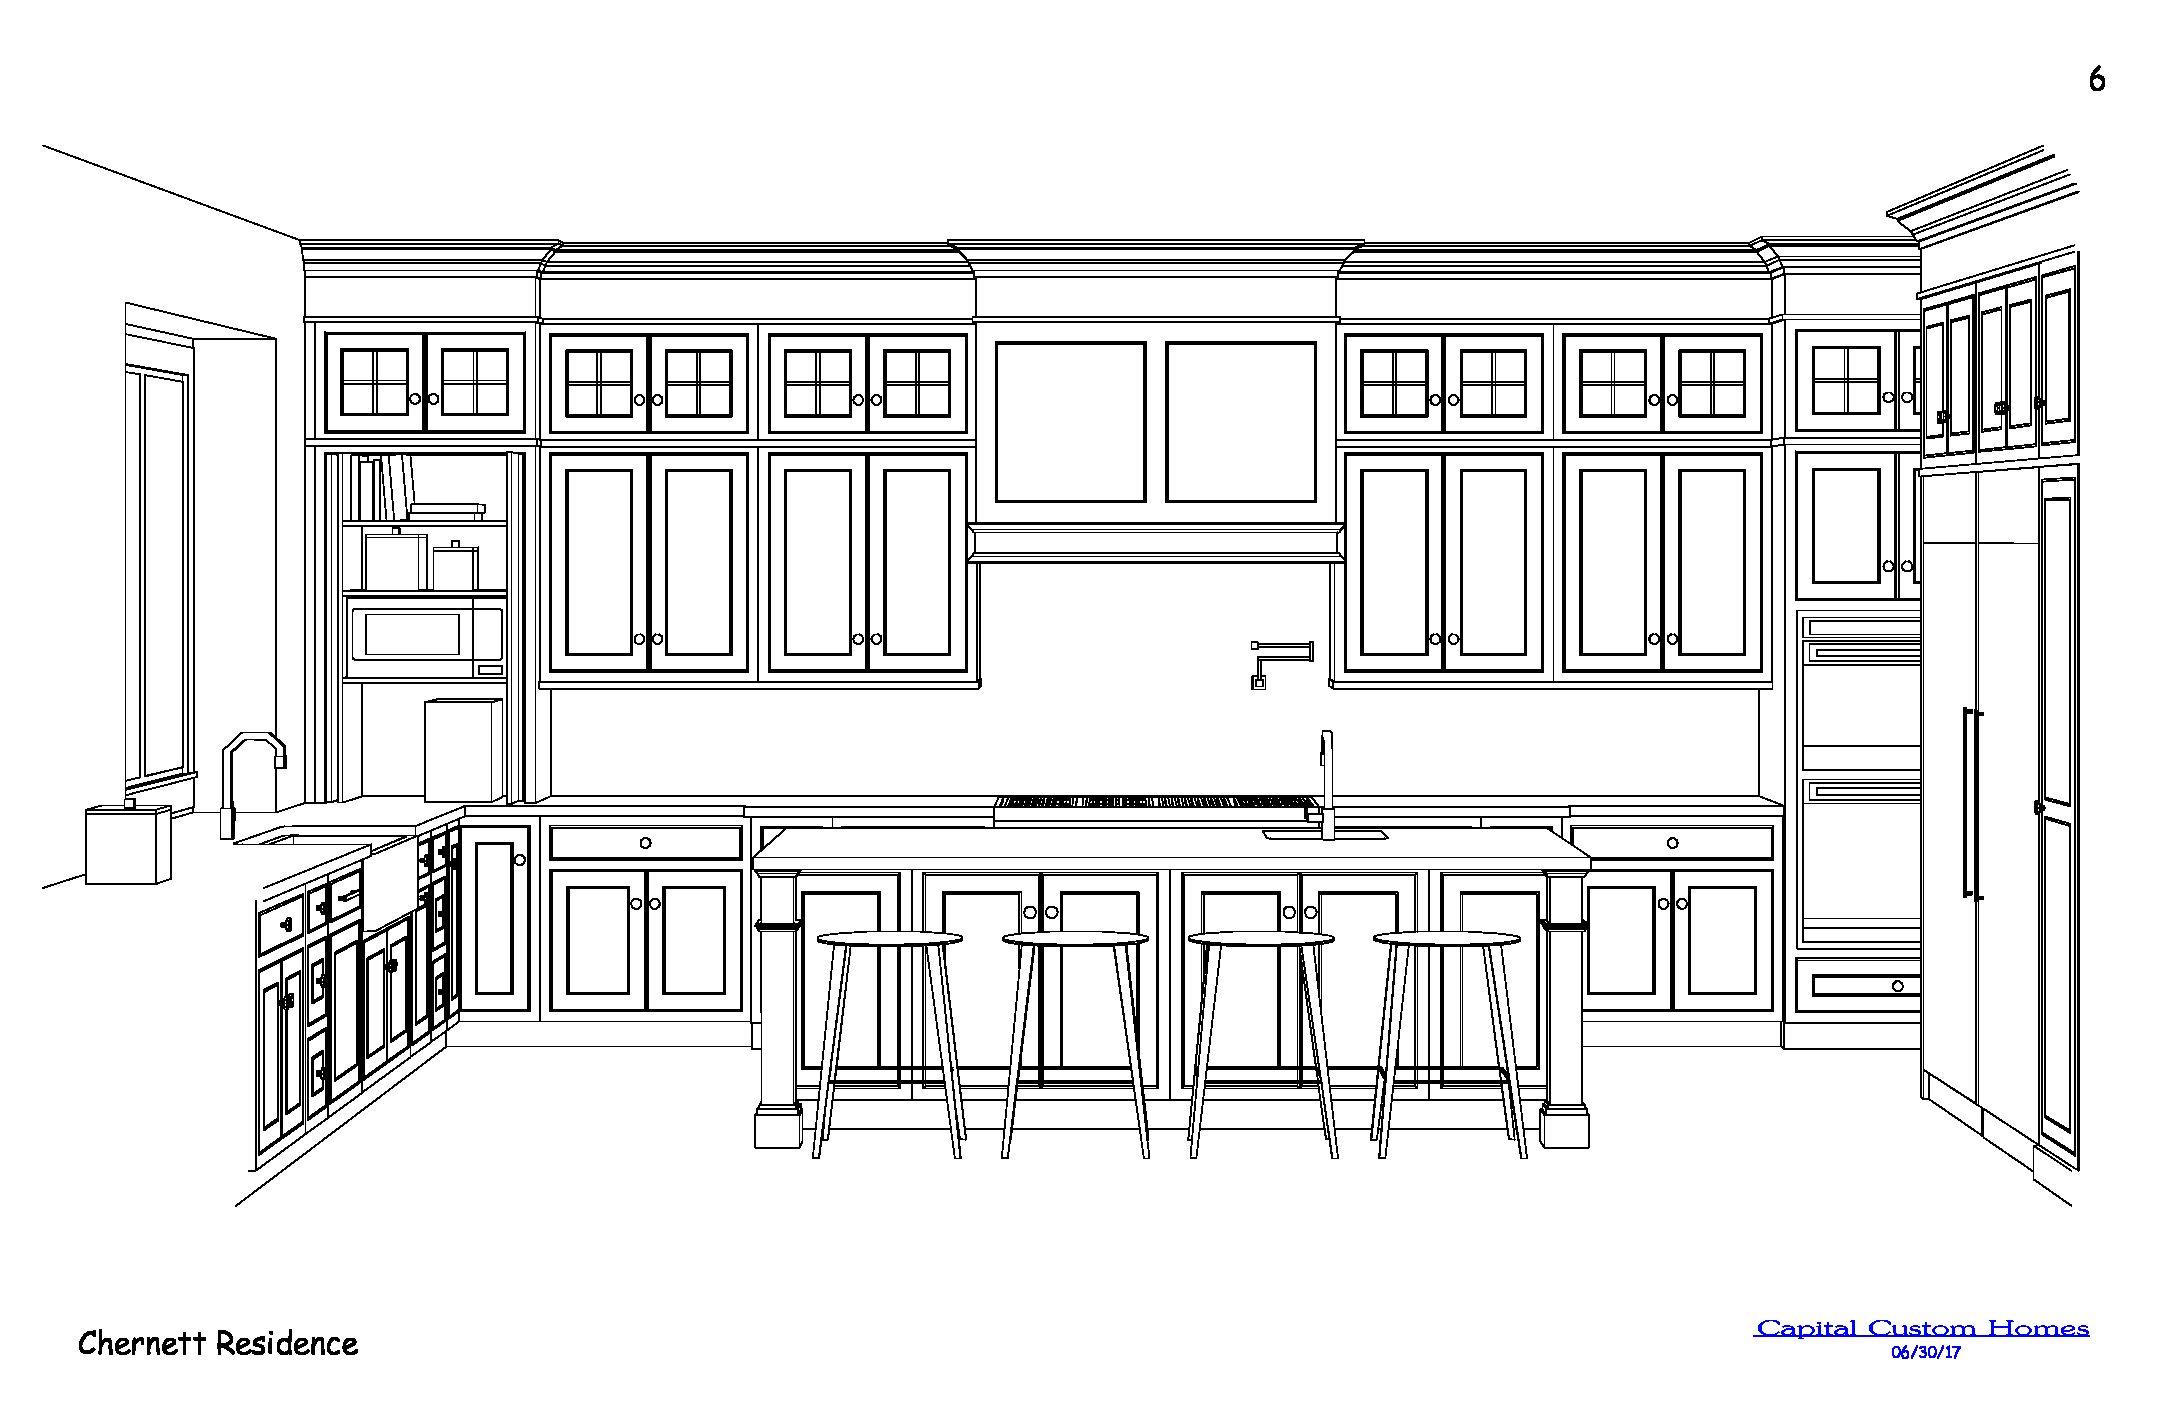 Ckd Carlson Kitchen Design Inc Kitchen Design Service For Professionals